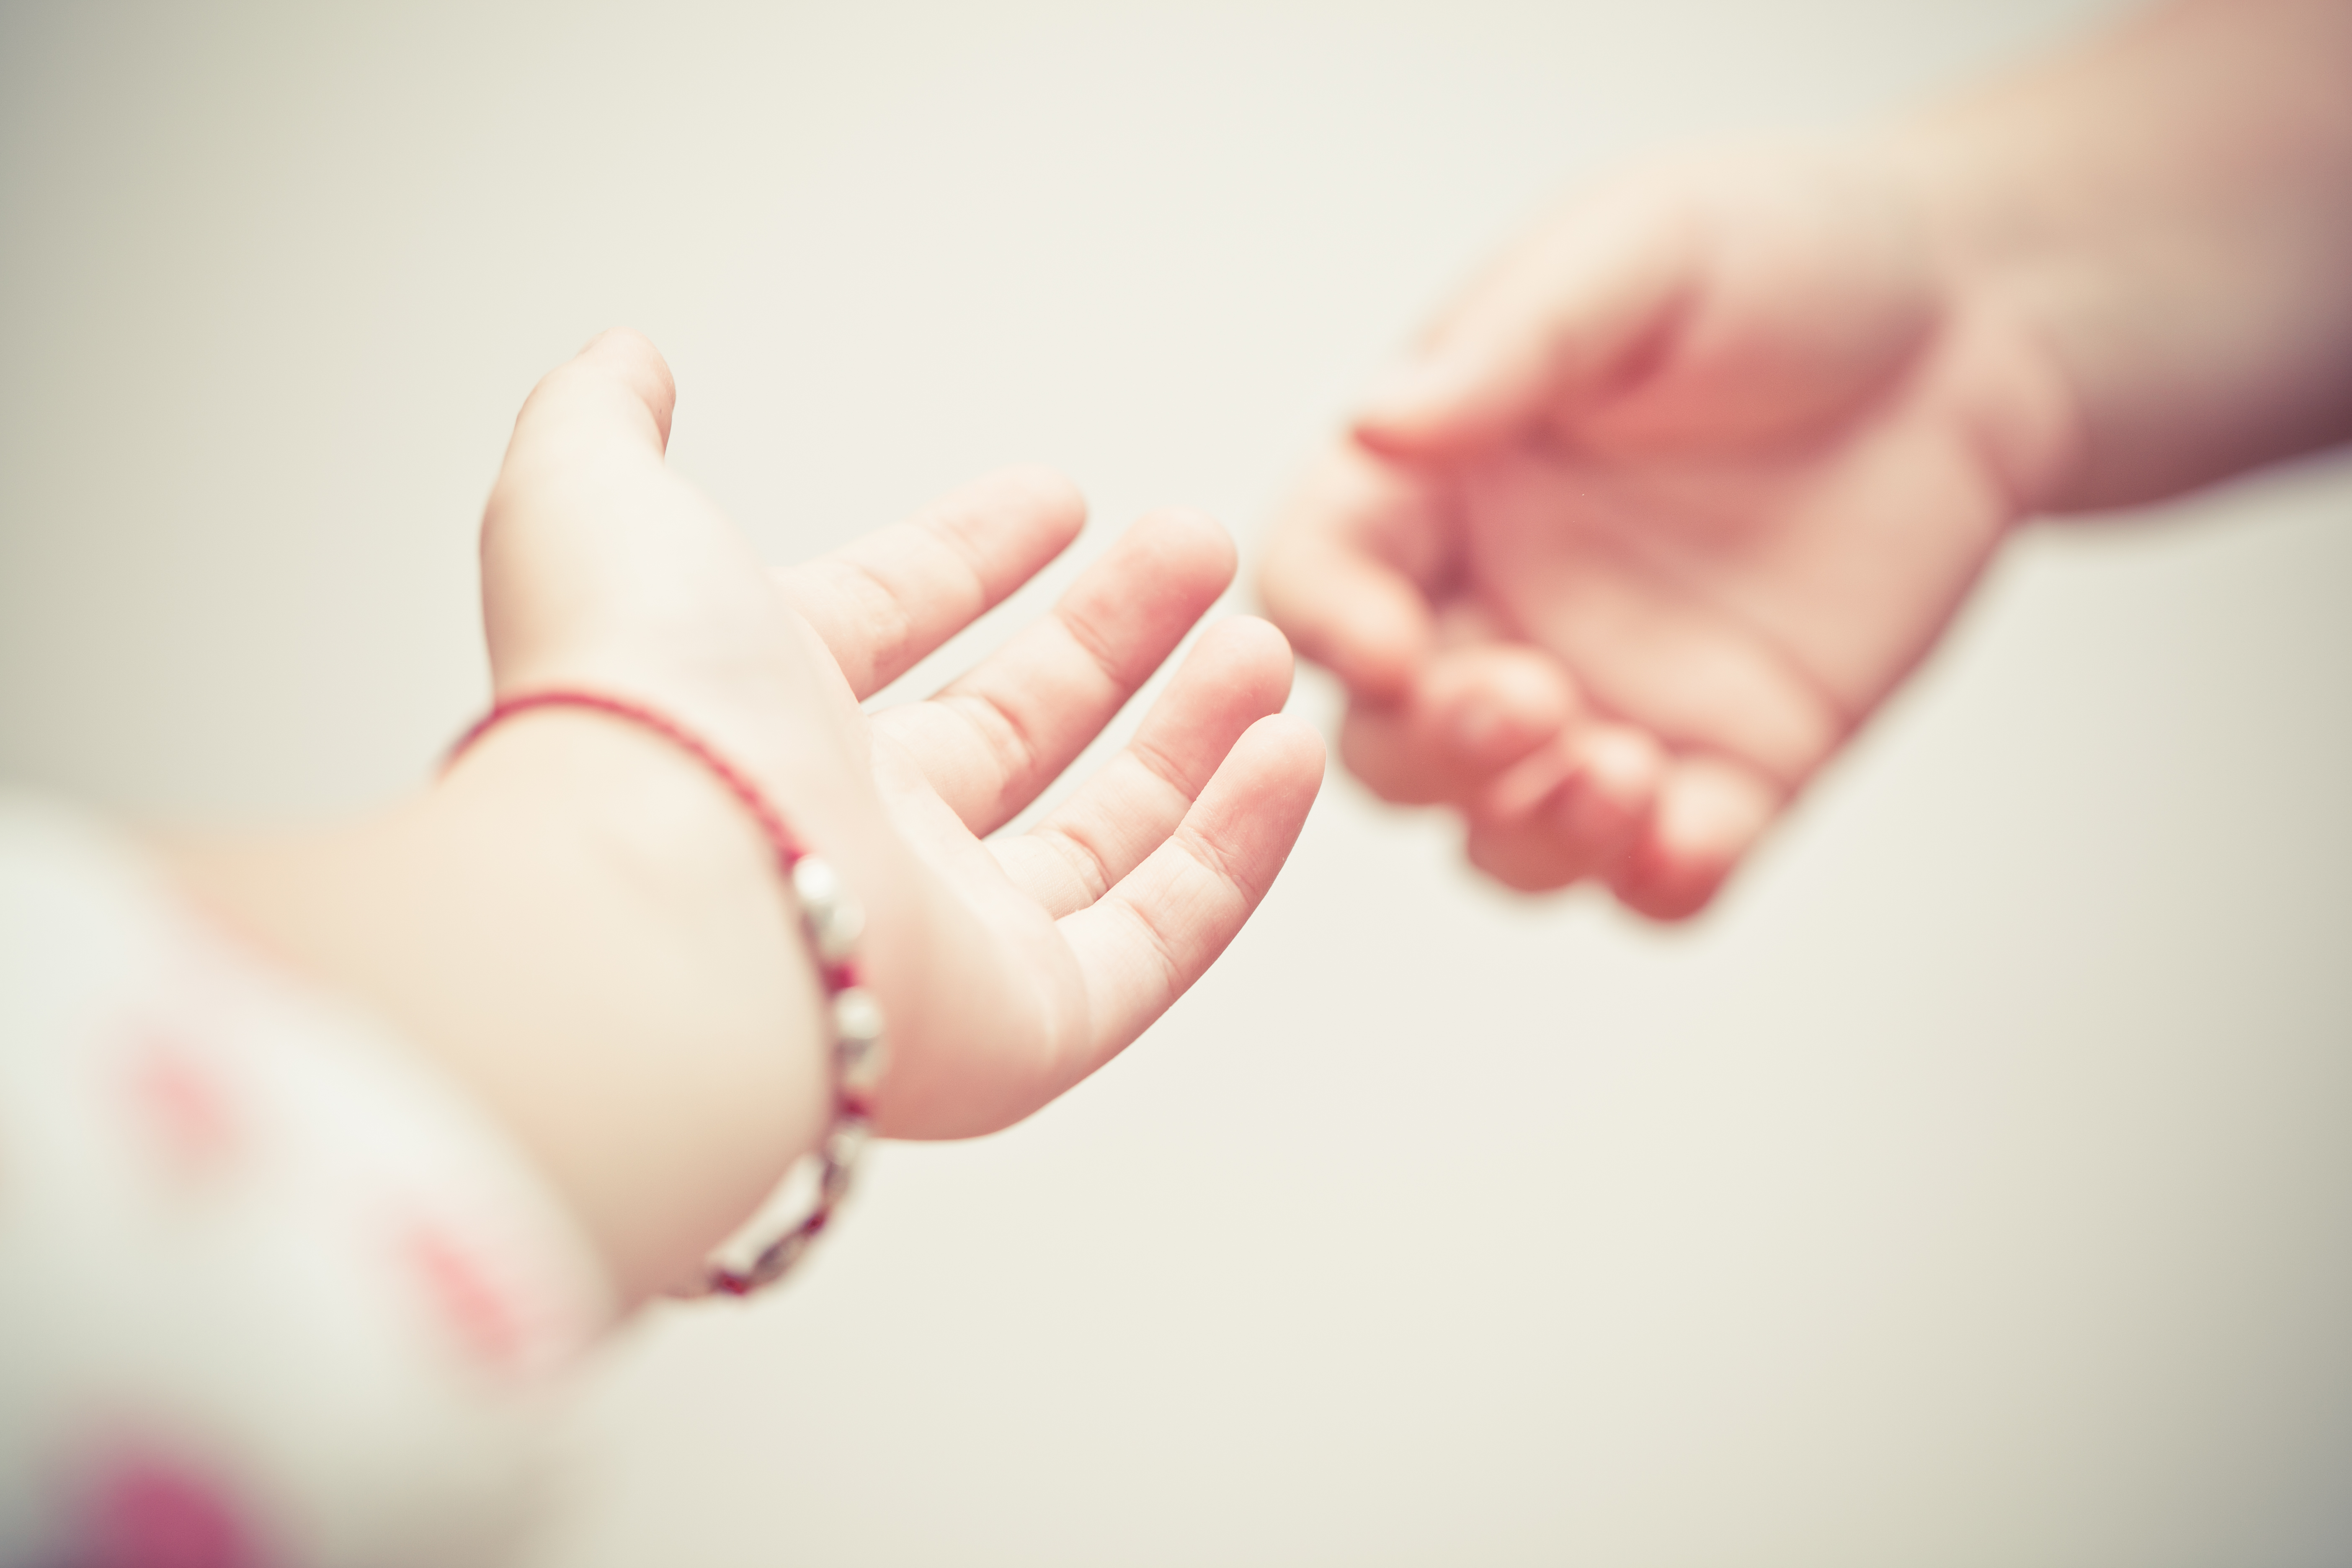 Strecke deine Hand aus!